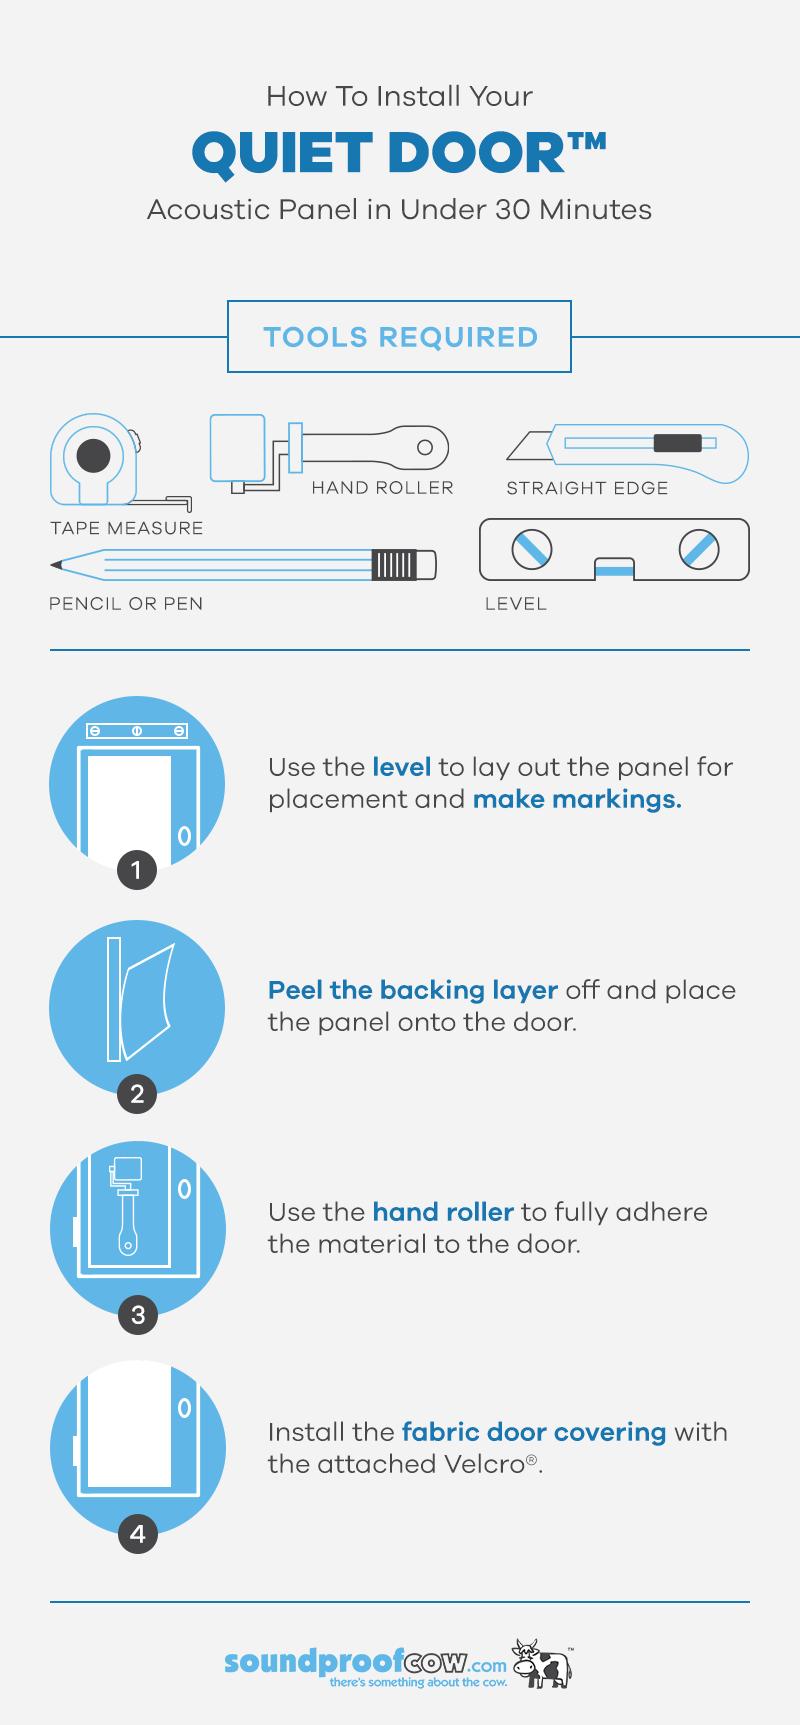 How to Install Quiet Door Acoustic Panels